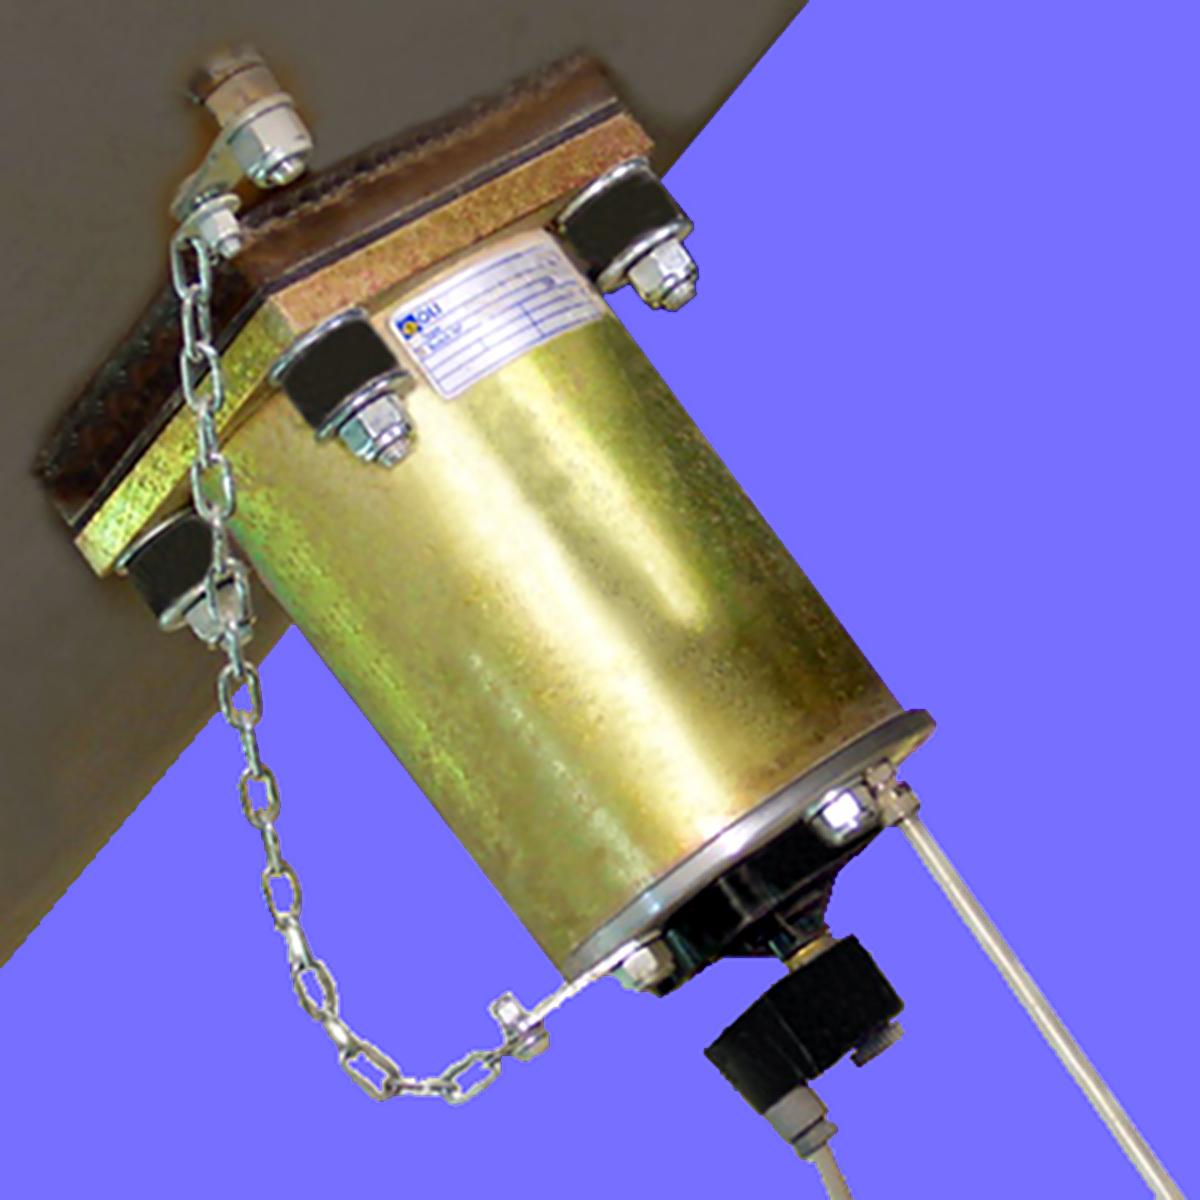 Lufthammare PS ger en tryckvåg som fluidiserar material i silo och behållare